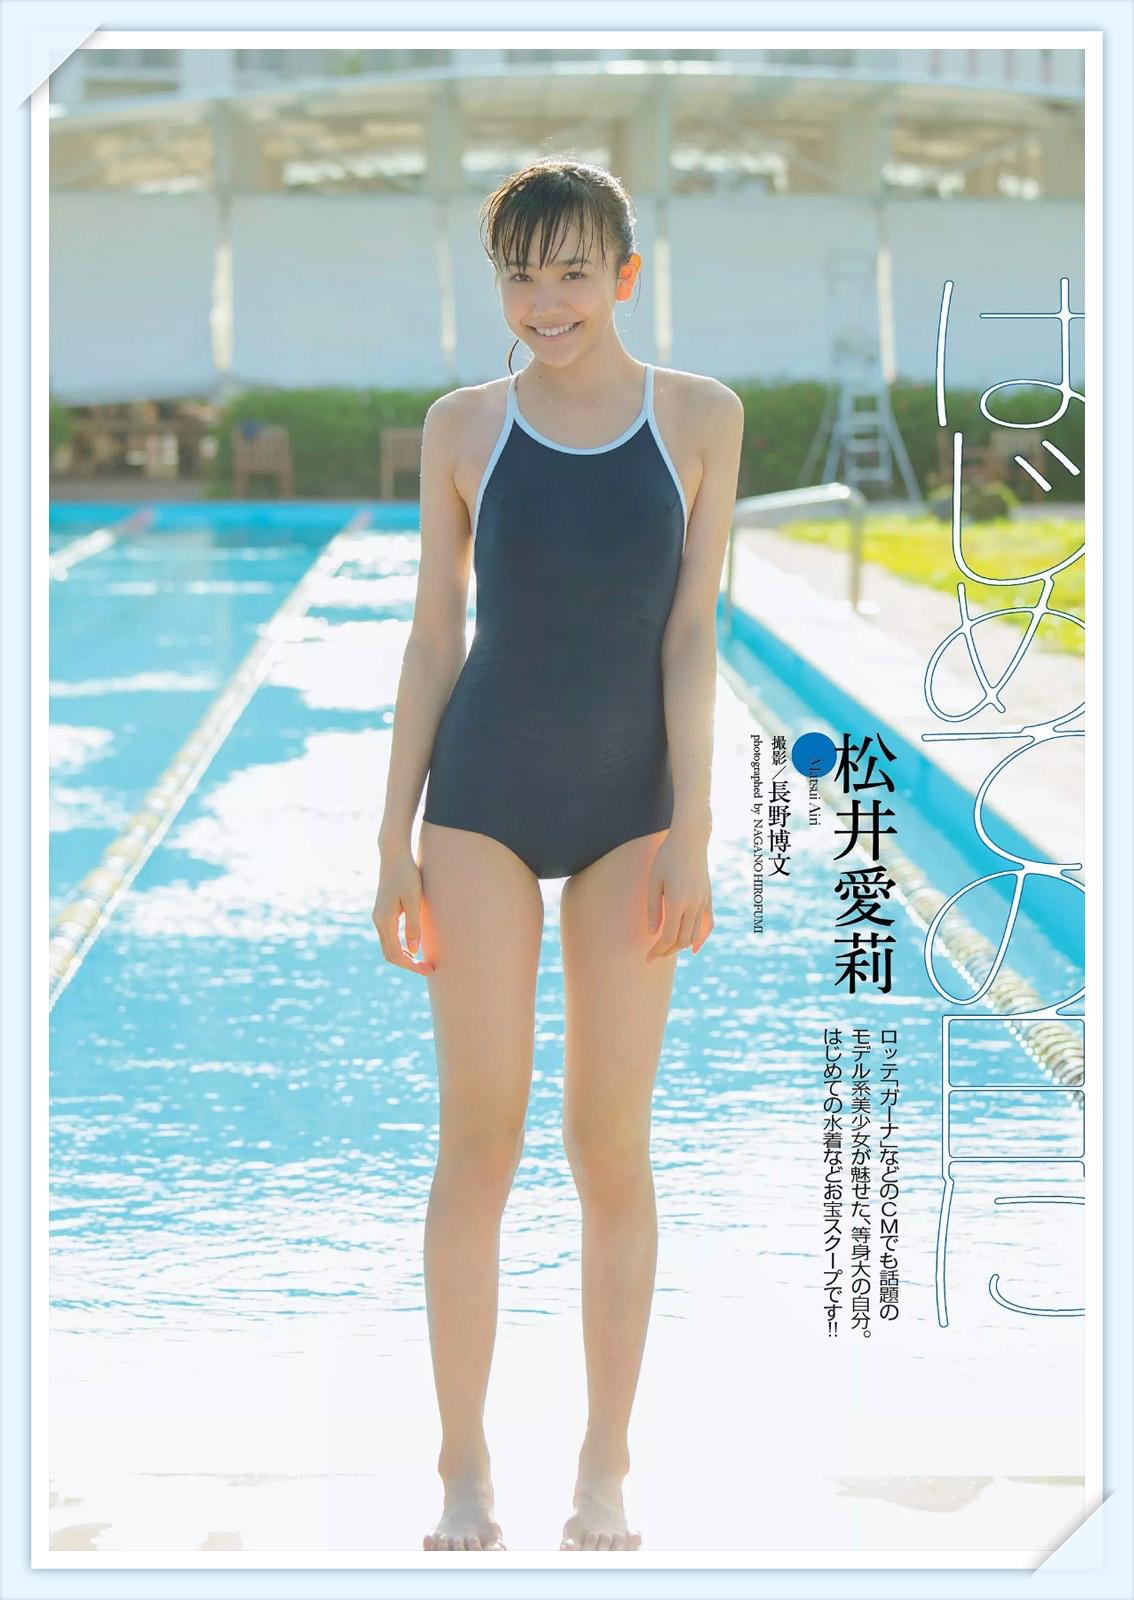 スクール水着姿の松井愛莉さん